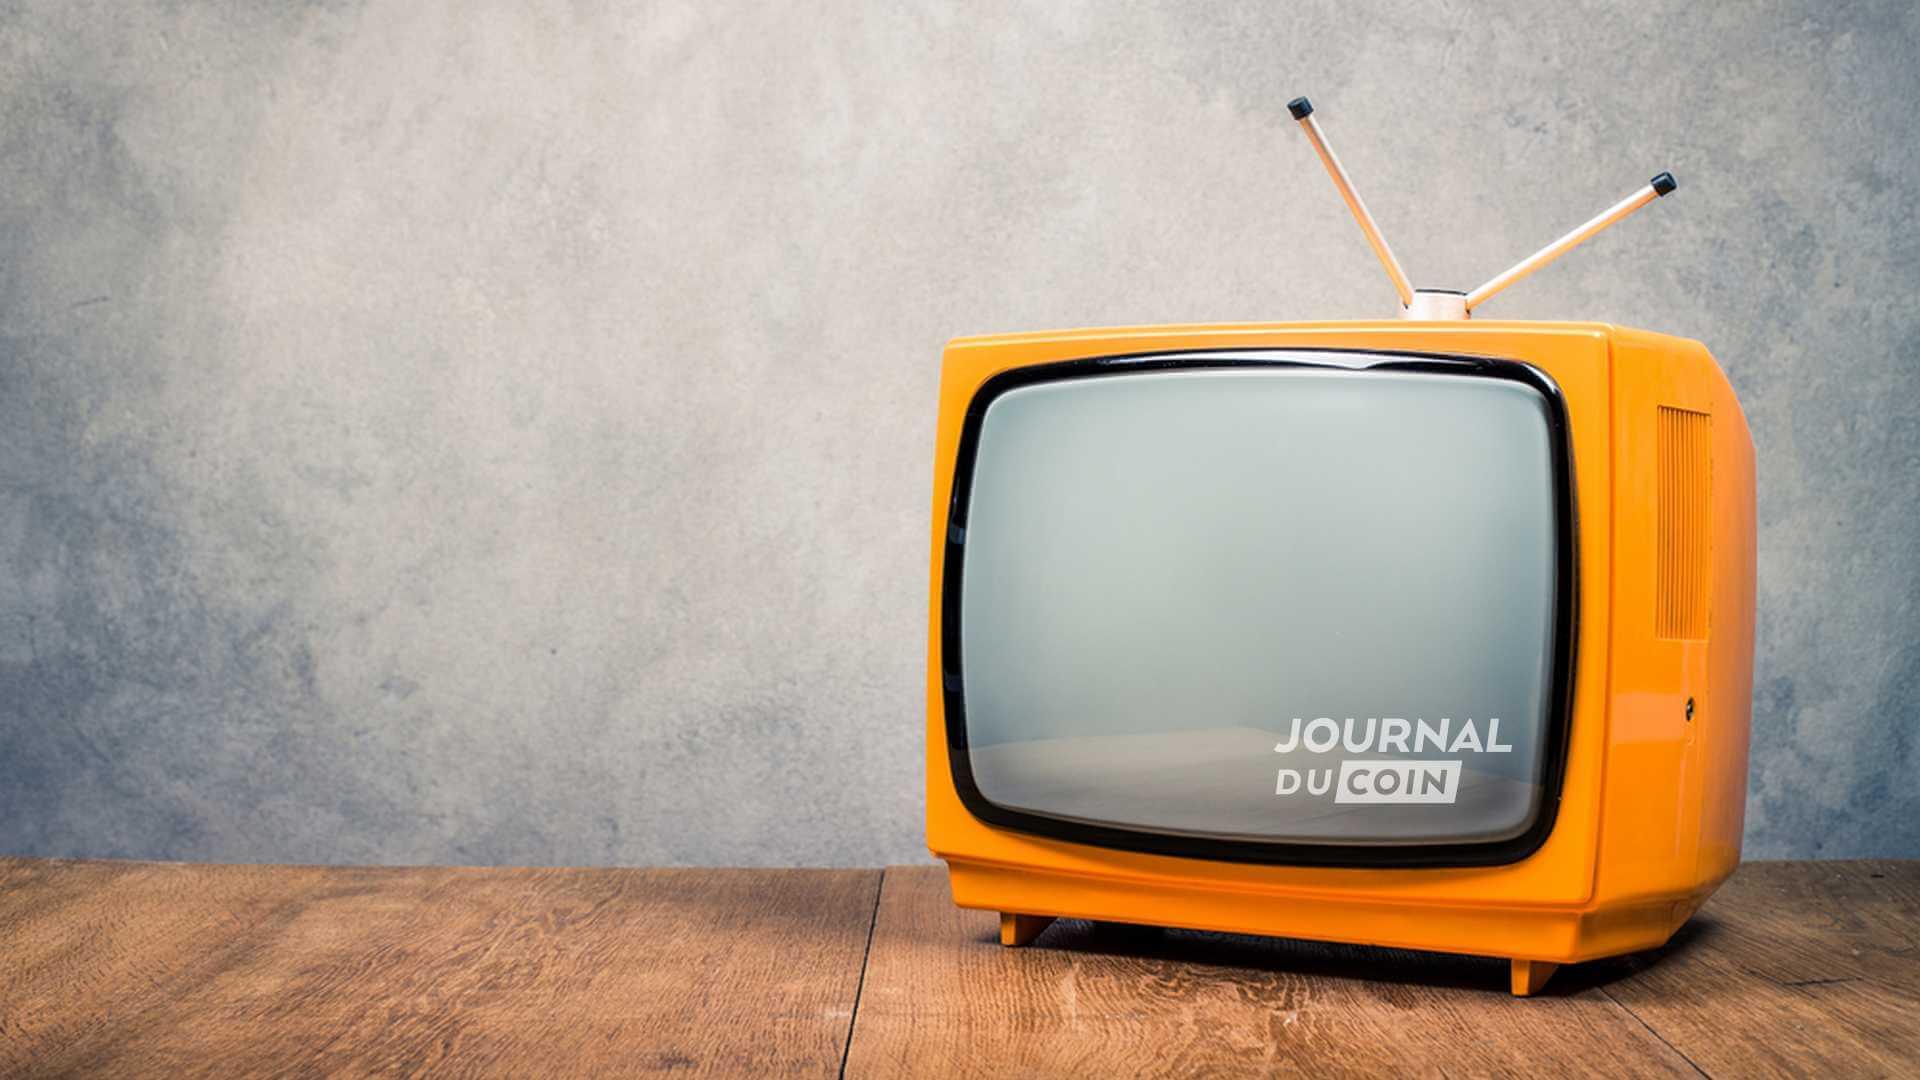 Ethereum massacré par CNBC – Quand la télévision ne comprend rien aux cryptomonnaies